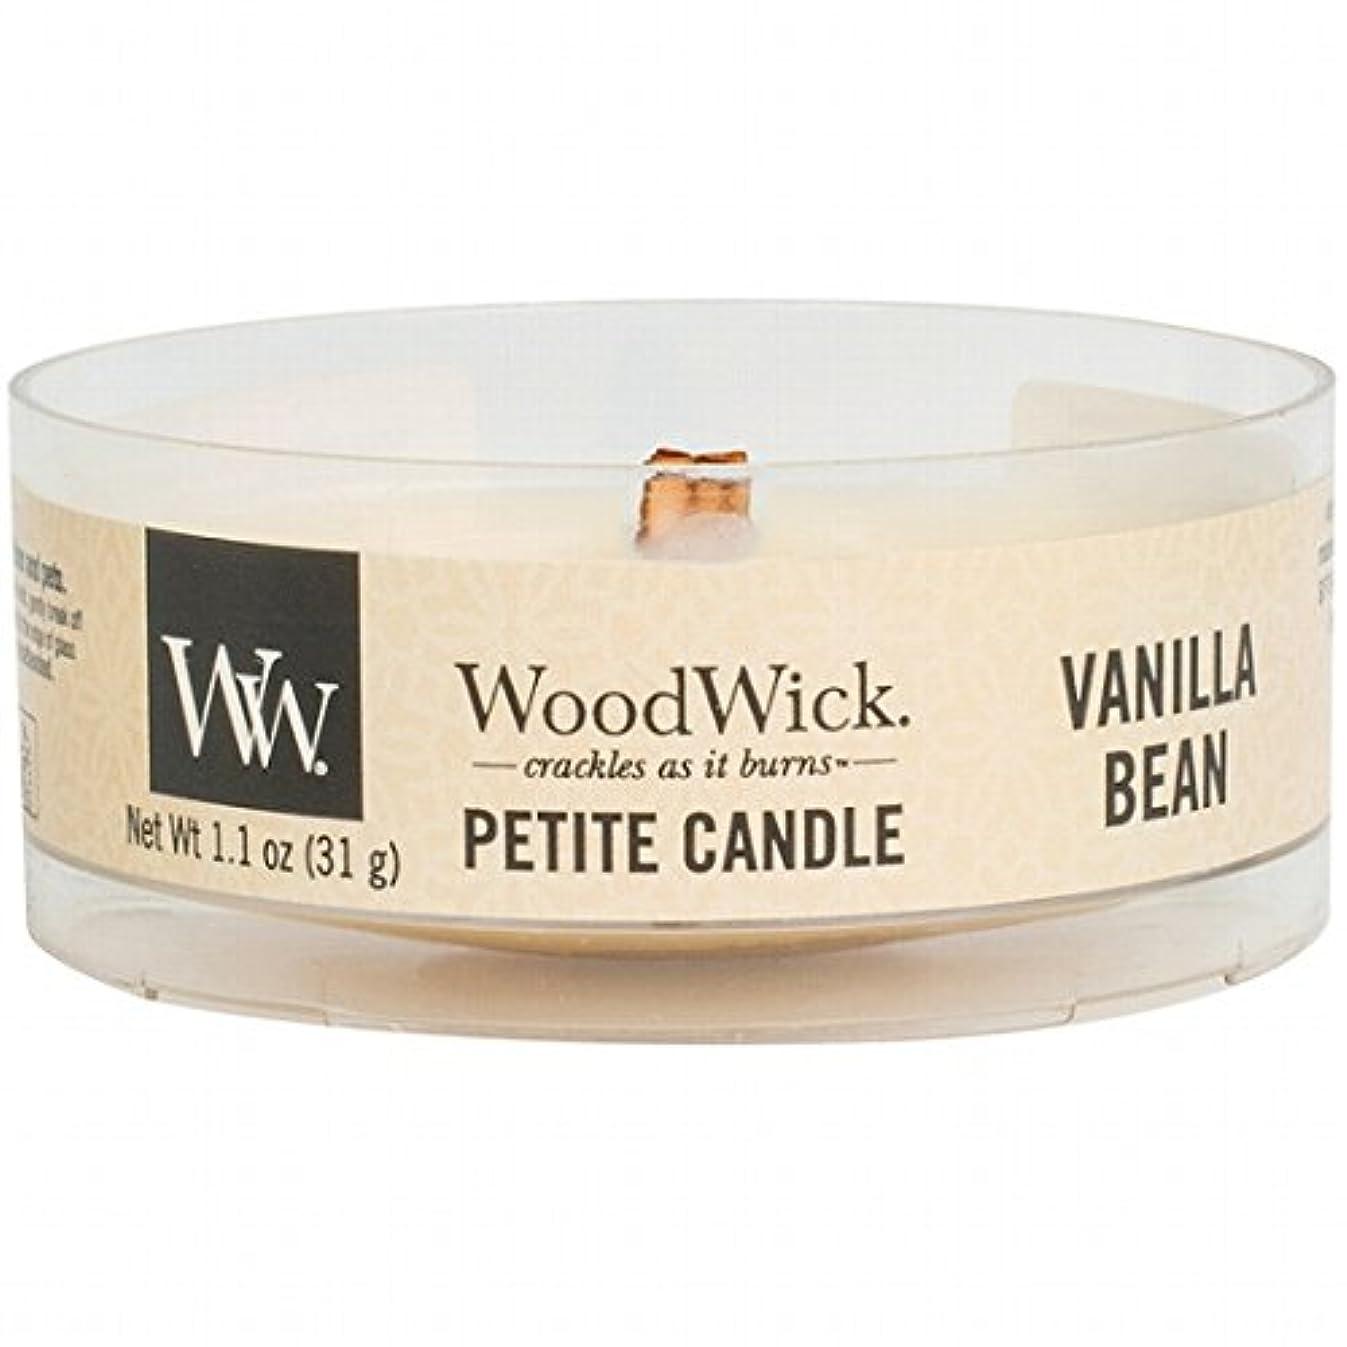 ポンペイ移住する著名なWoodWick(ウッドウィック) プチキャンドル 「 バニラビーン 」(WW9030518)